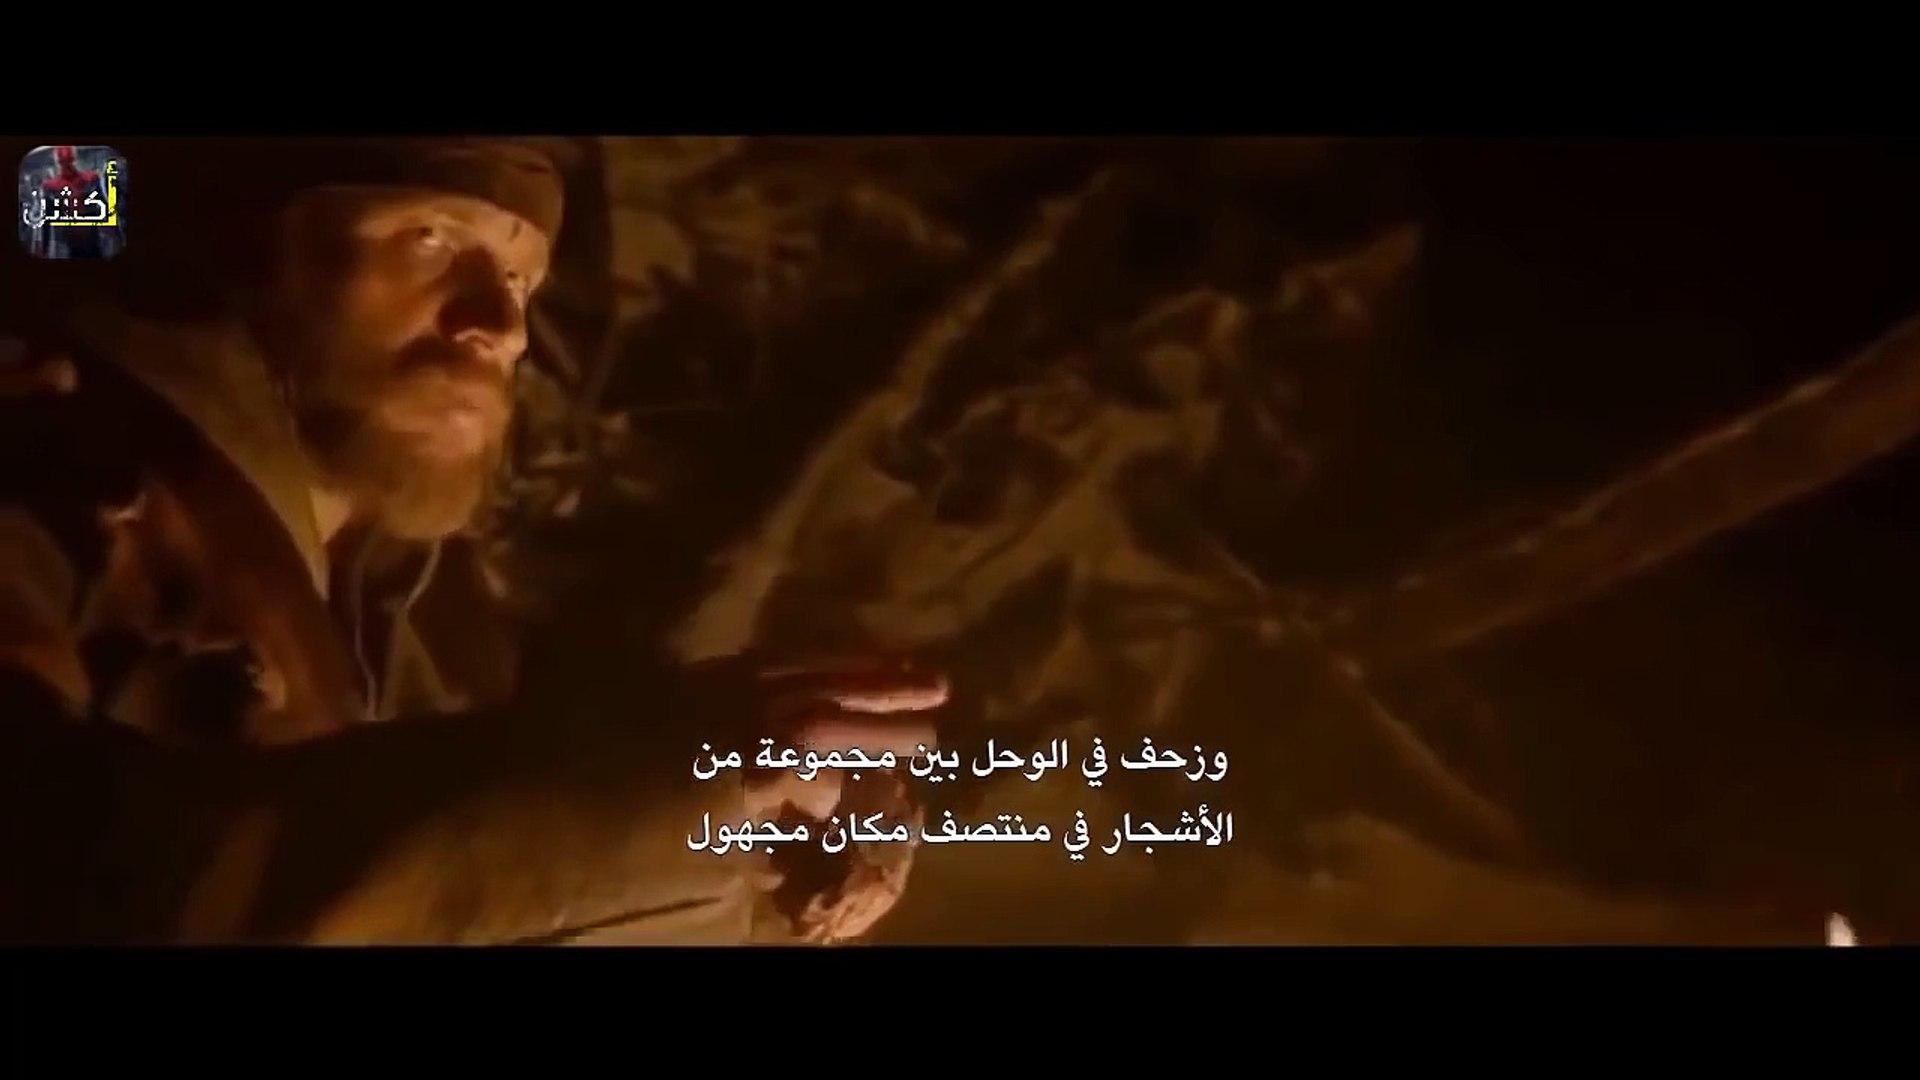 فيلم فاندام الجديد 2016 مترجم - 2016 فيلم الاكشن وقتال part 2/3